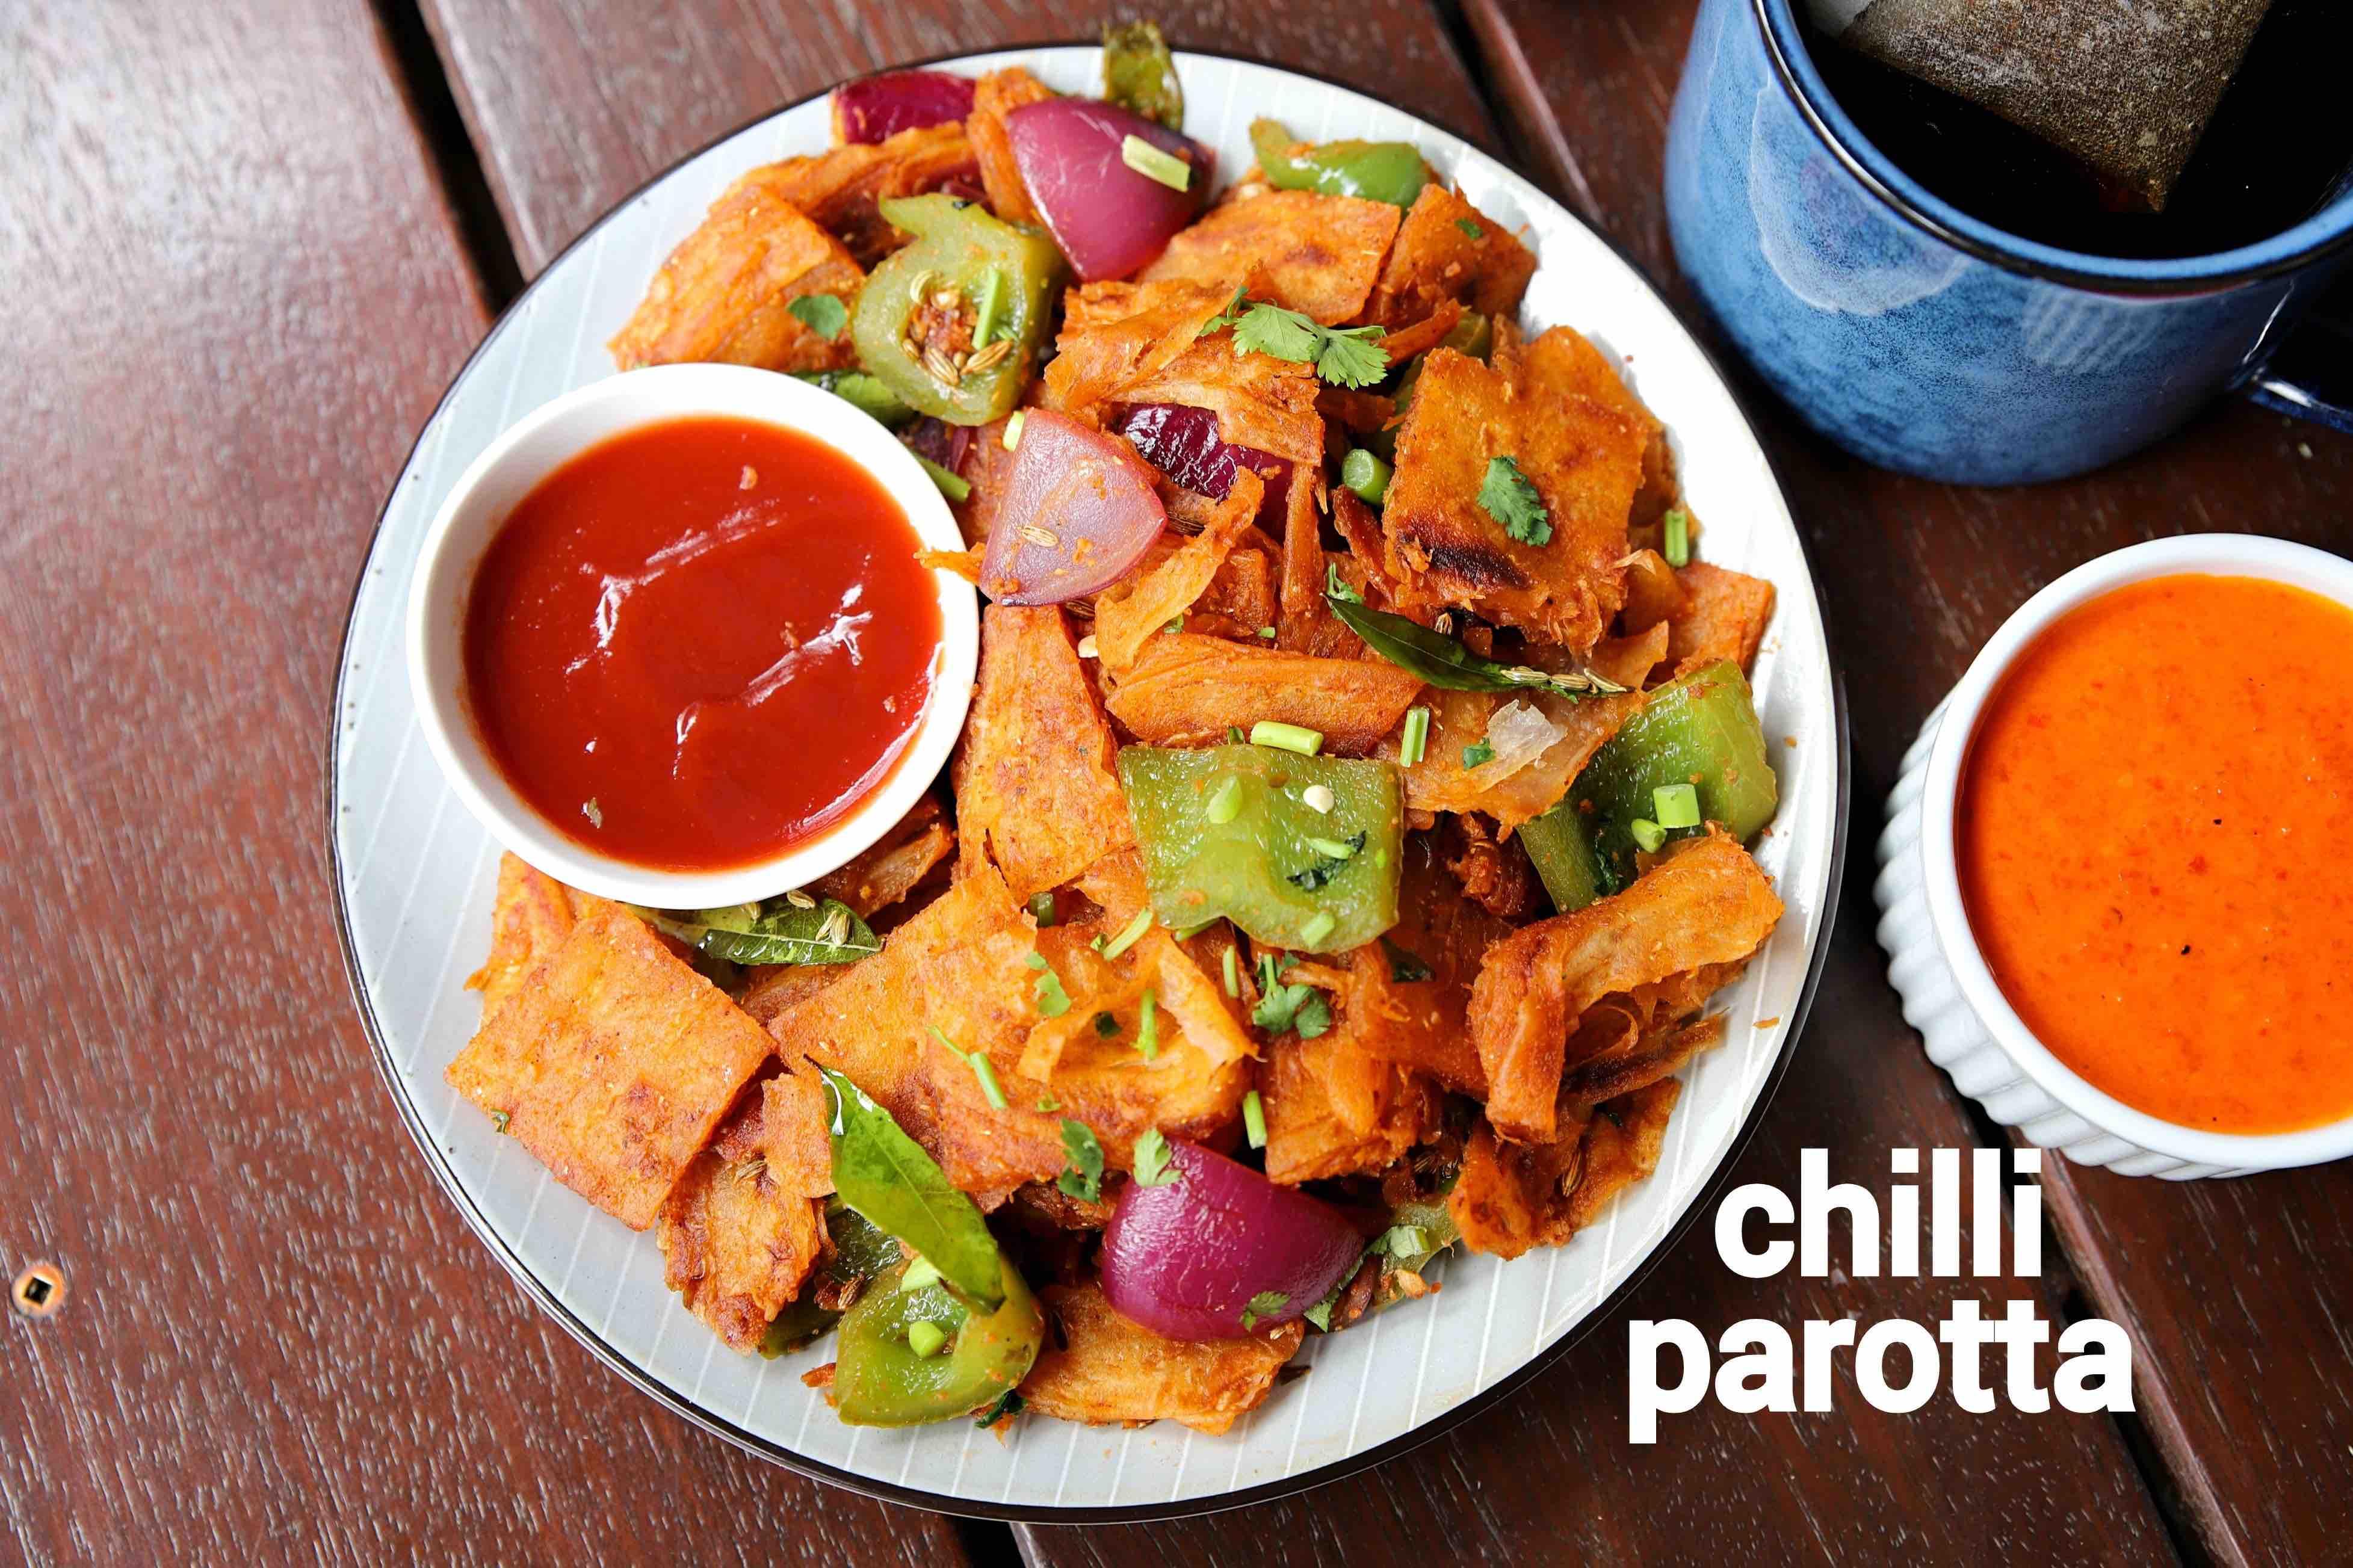 chilli parotta recipe | chilli paratha recipe | chilli kothu parotta